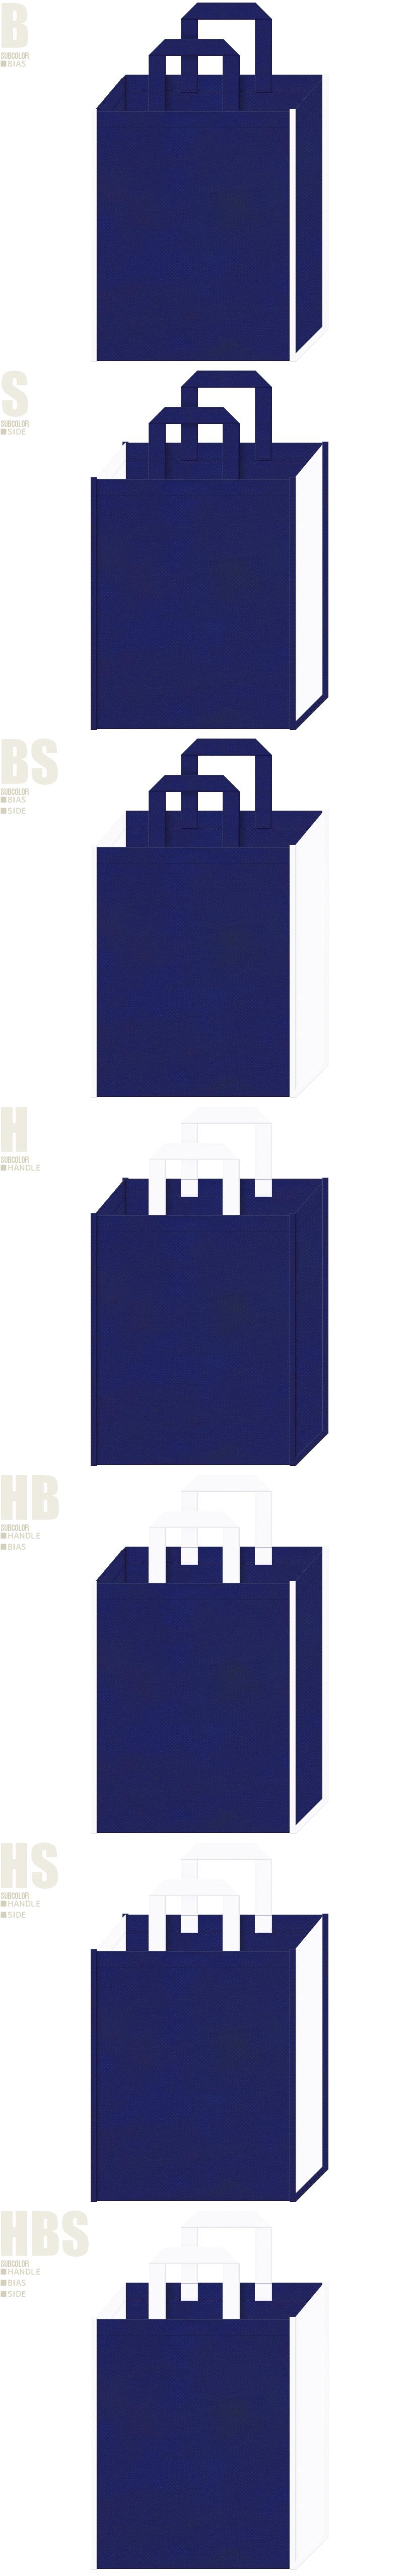 マリンルック・水族館・天体観測・プラネタリウム・野外コンサート・サマーイベントにお奨めの不織布バッグデザイン:明るい紺色と白色の不織布バッグ配色7パターン。